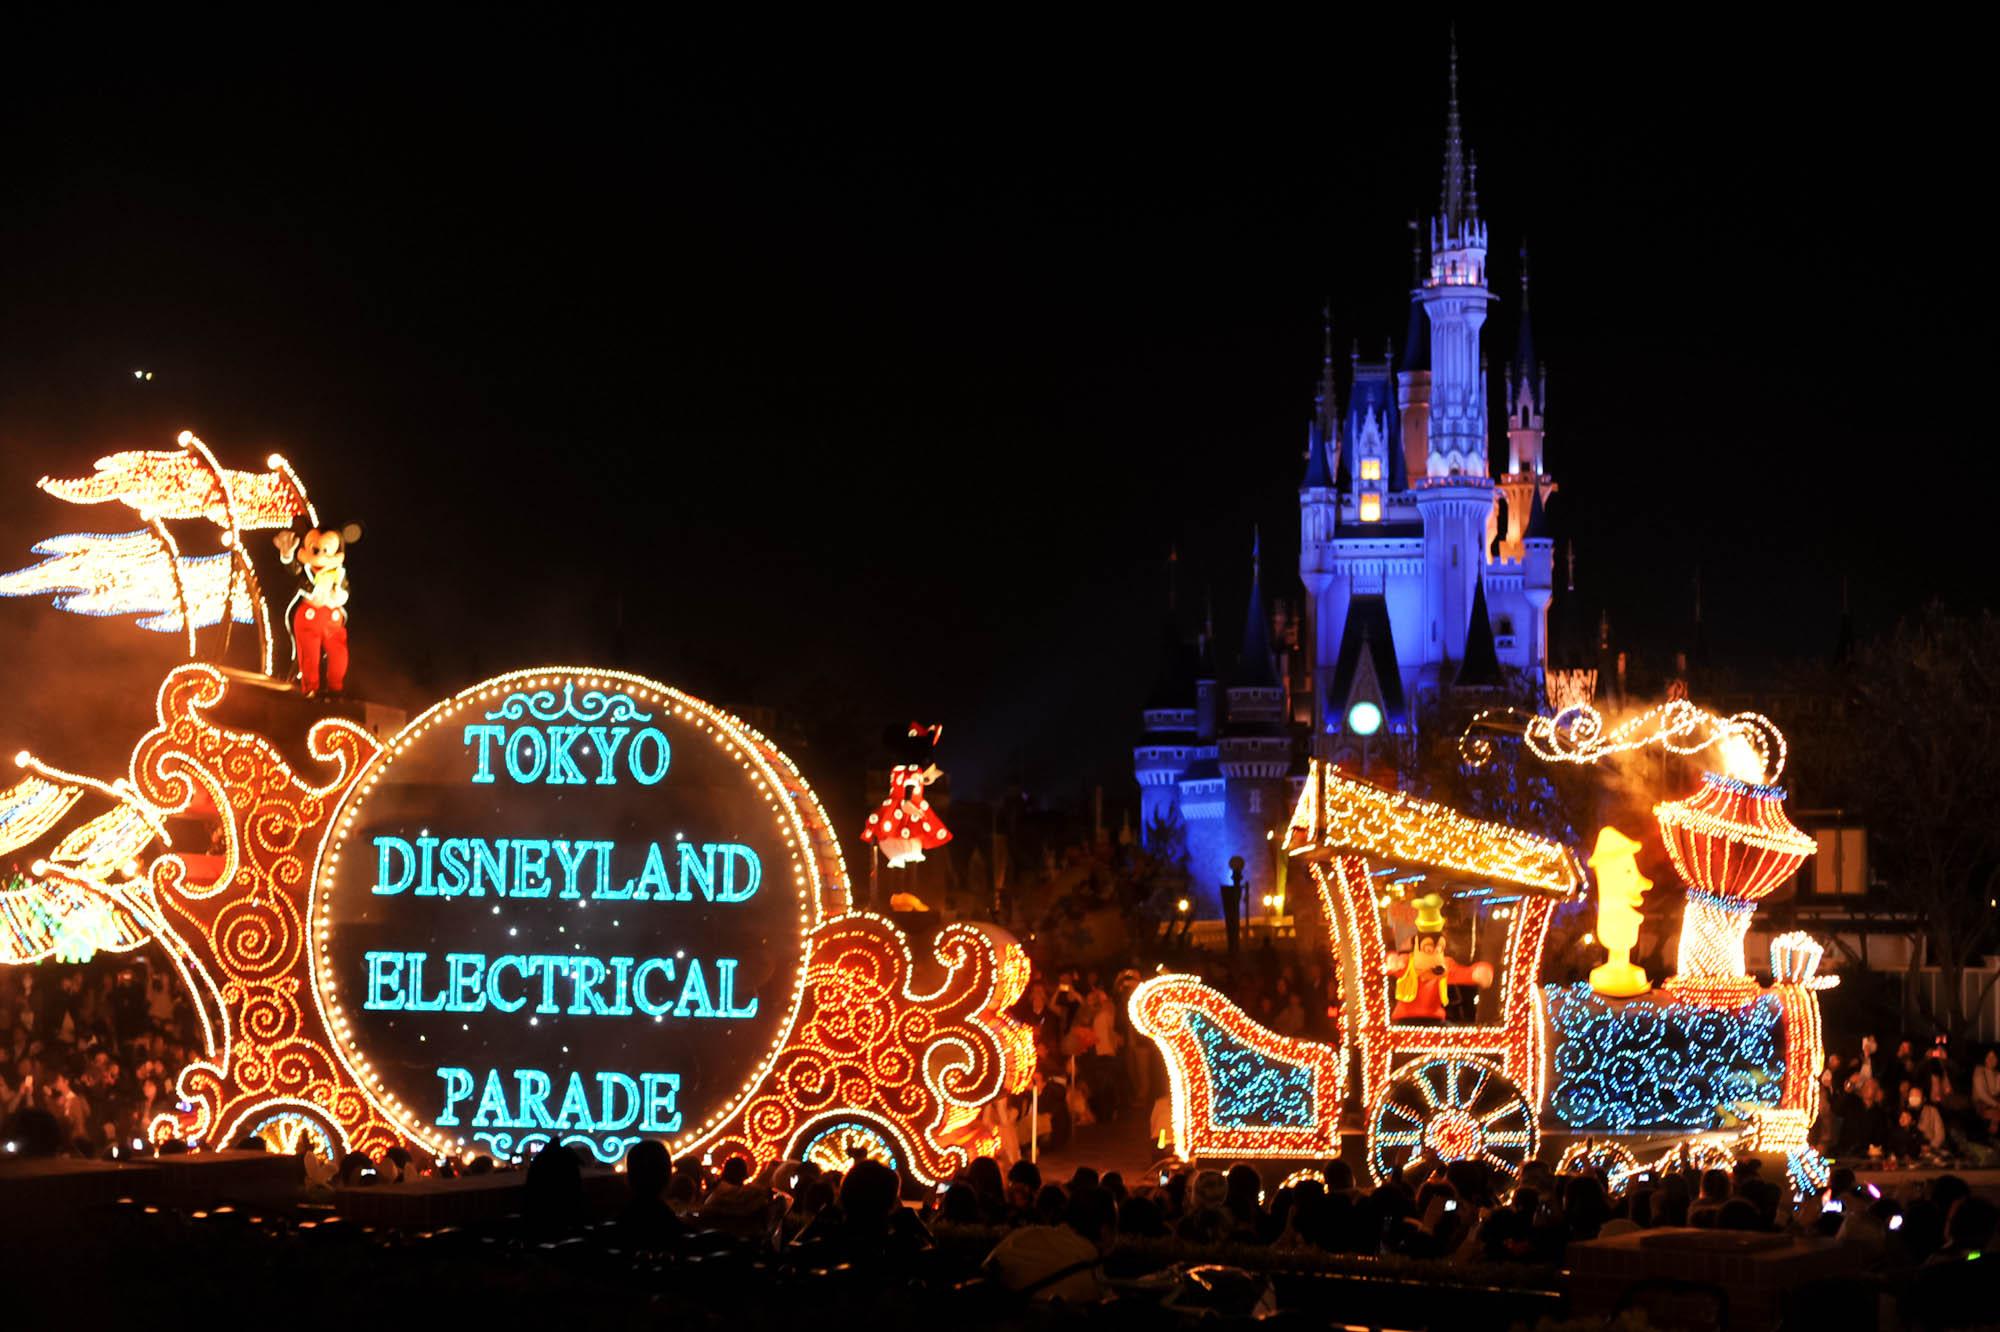 画像 夢の国ディズニーランド Disneyland Pcデスクトップ壁紙 まとめ Naver まとめ